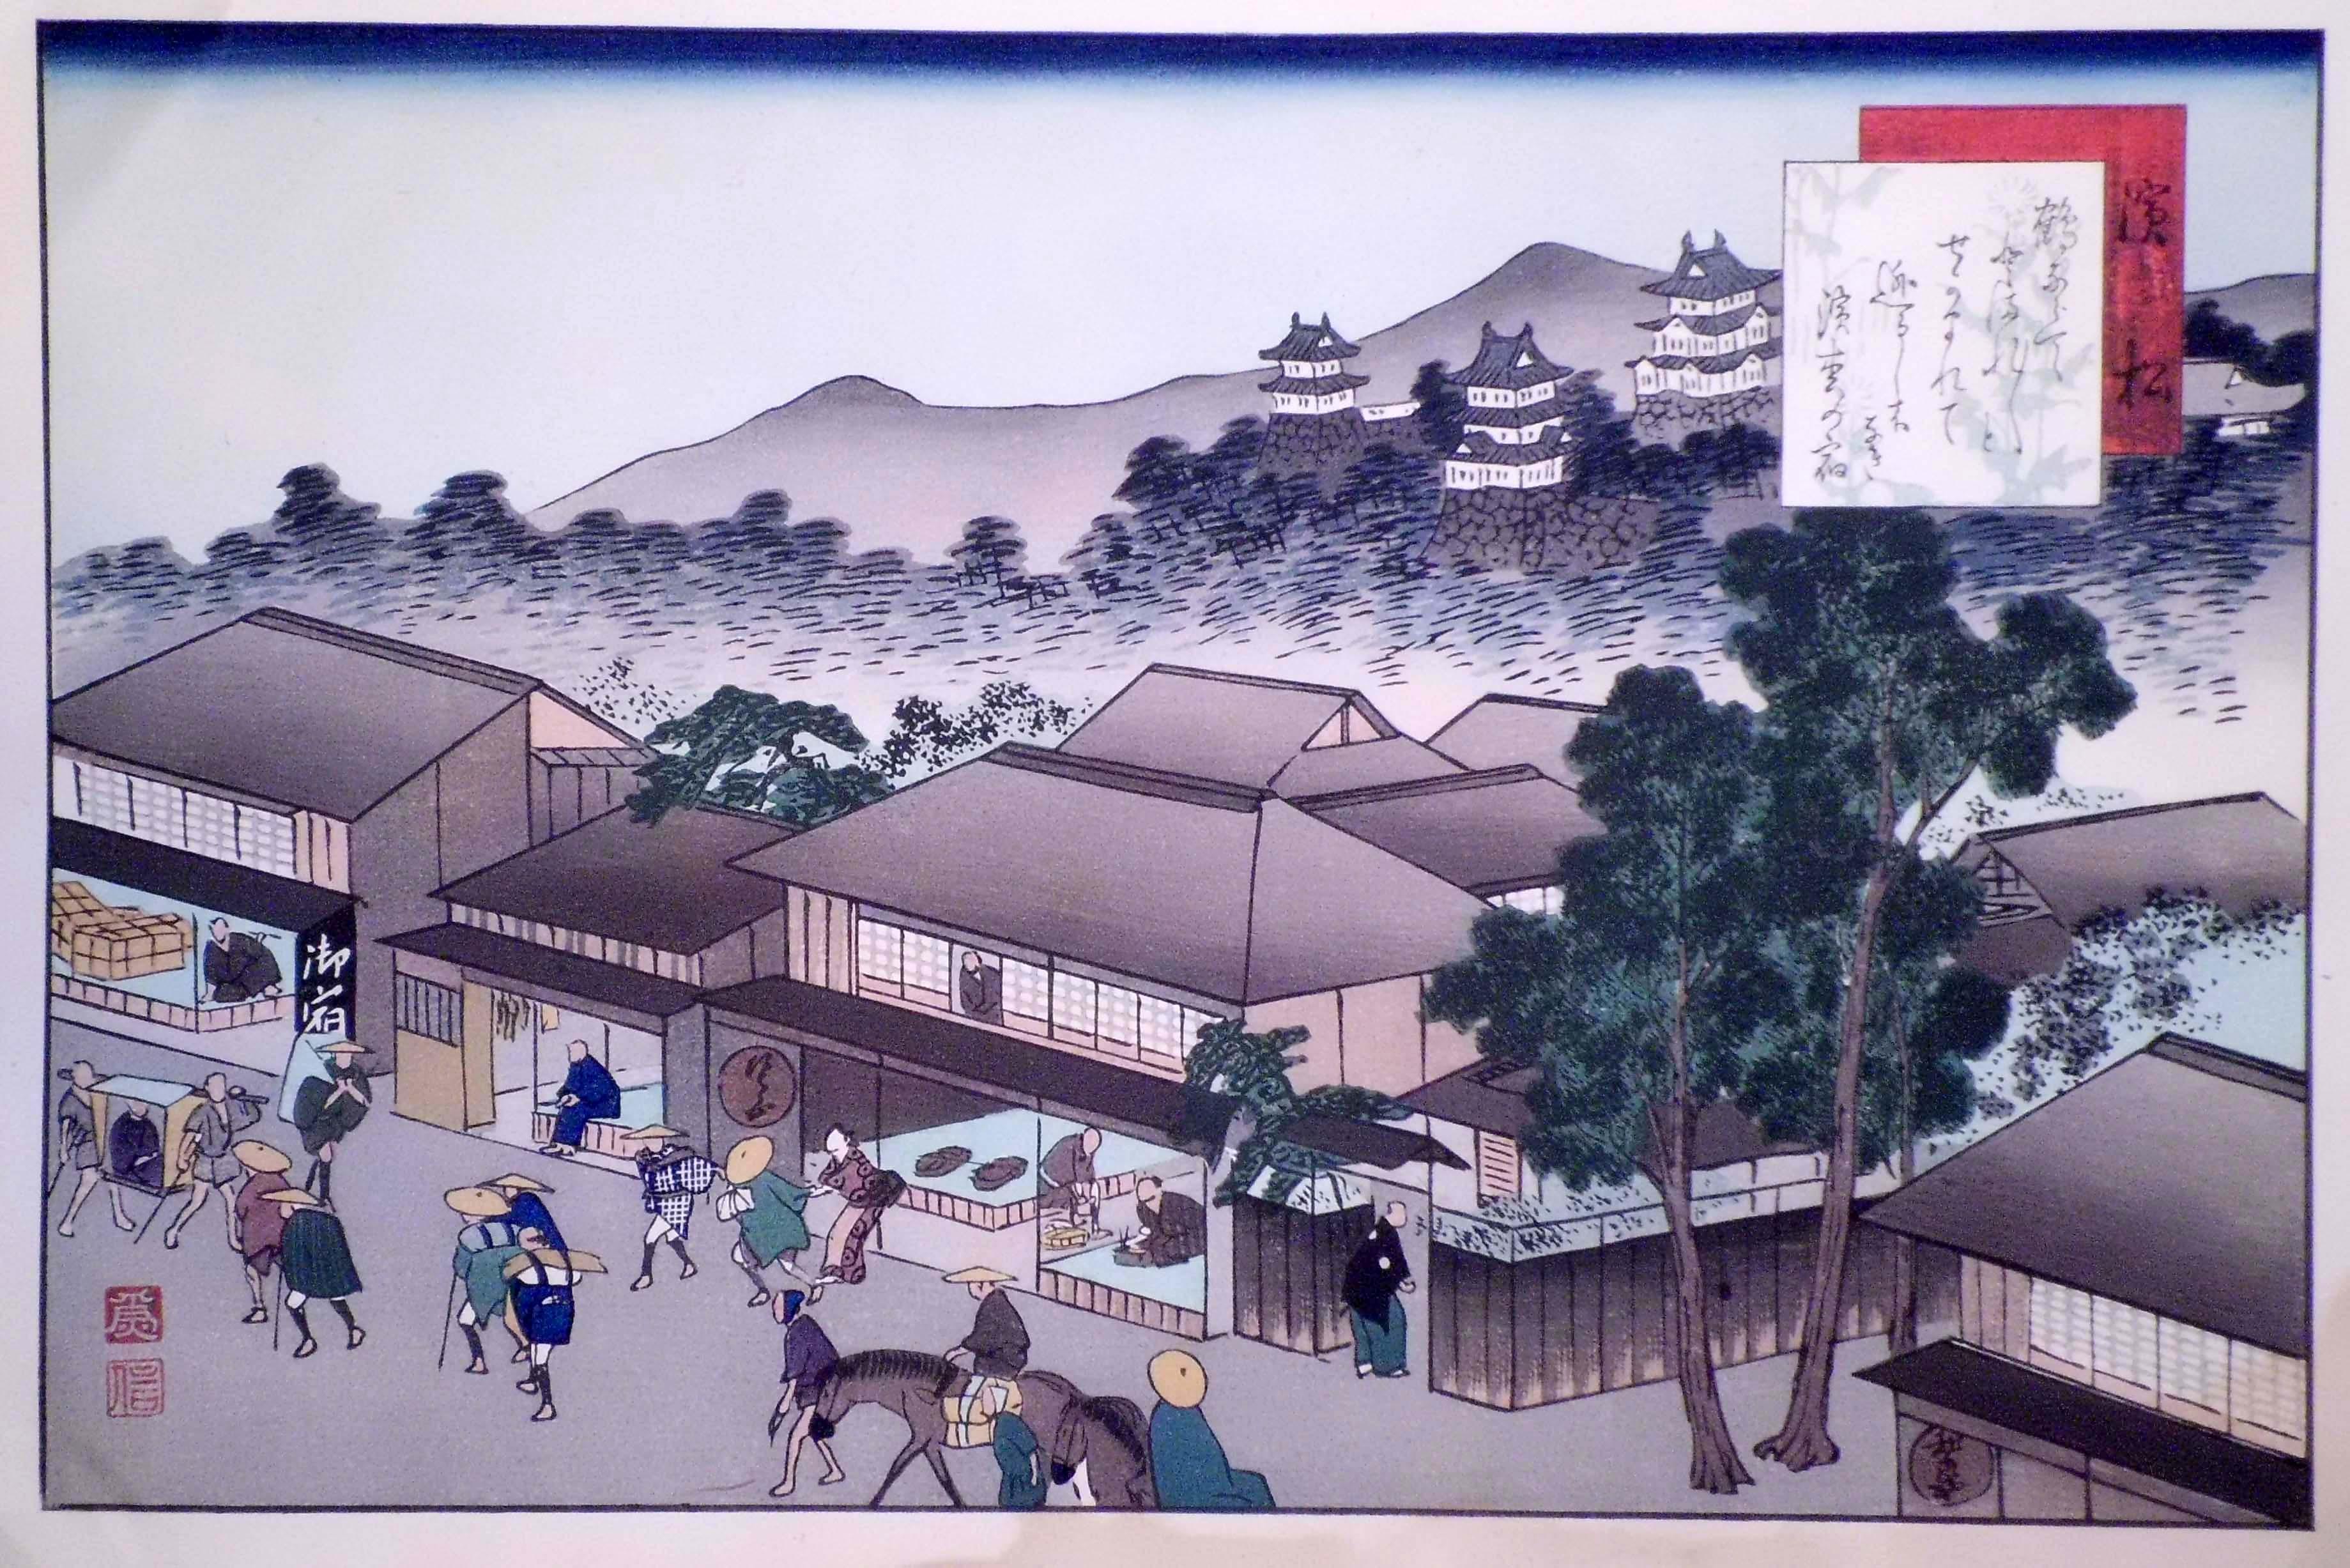 Fujikawa TAMENOBU (attivo nel 1890/1914) – HAMAMATSU, VENTINOVESIMA STAZIONE DELLA TOKAIDO